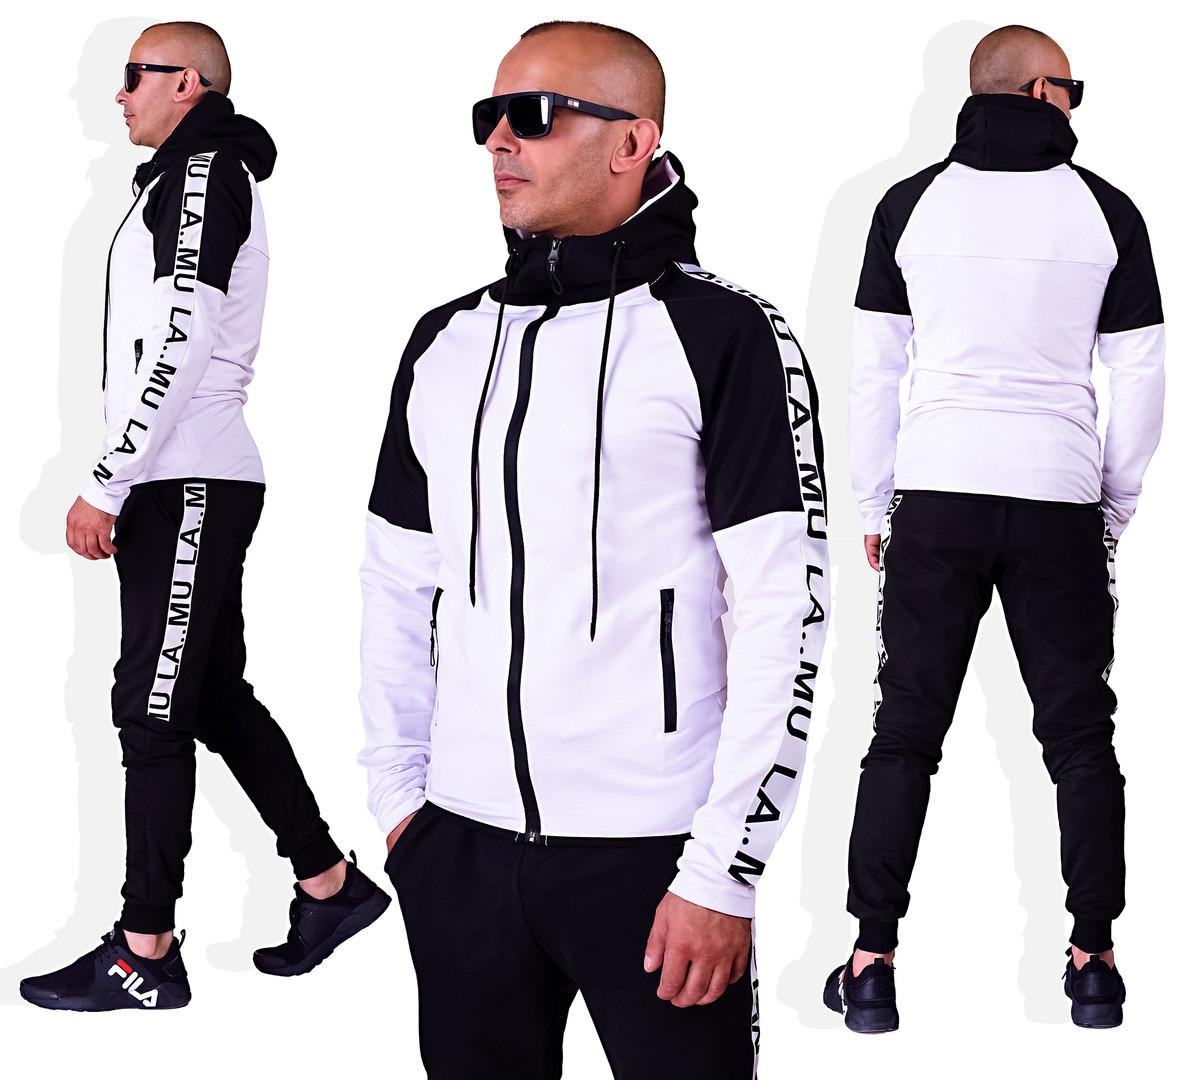 Чоловічий спортивний двоколірний костюм двухнить трикотаж чорний з білим